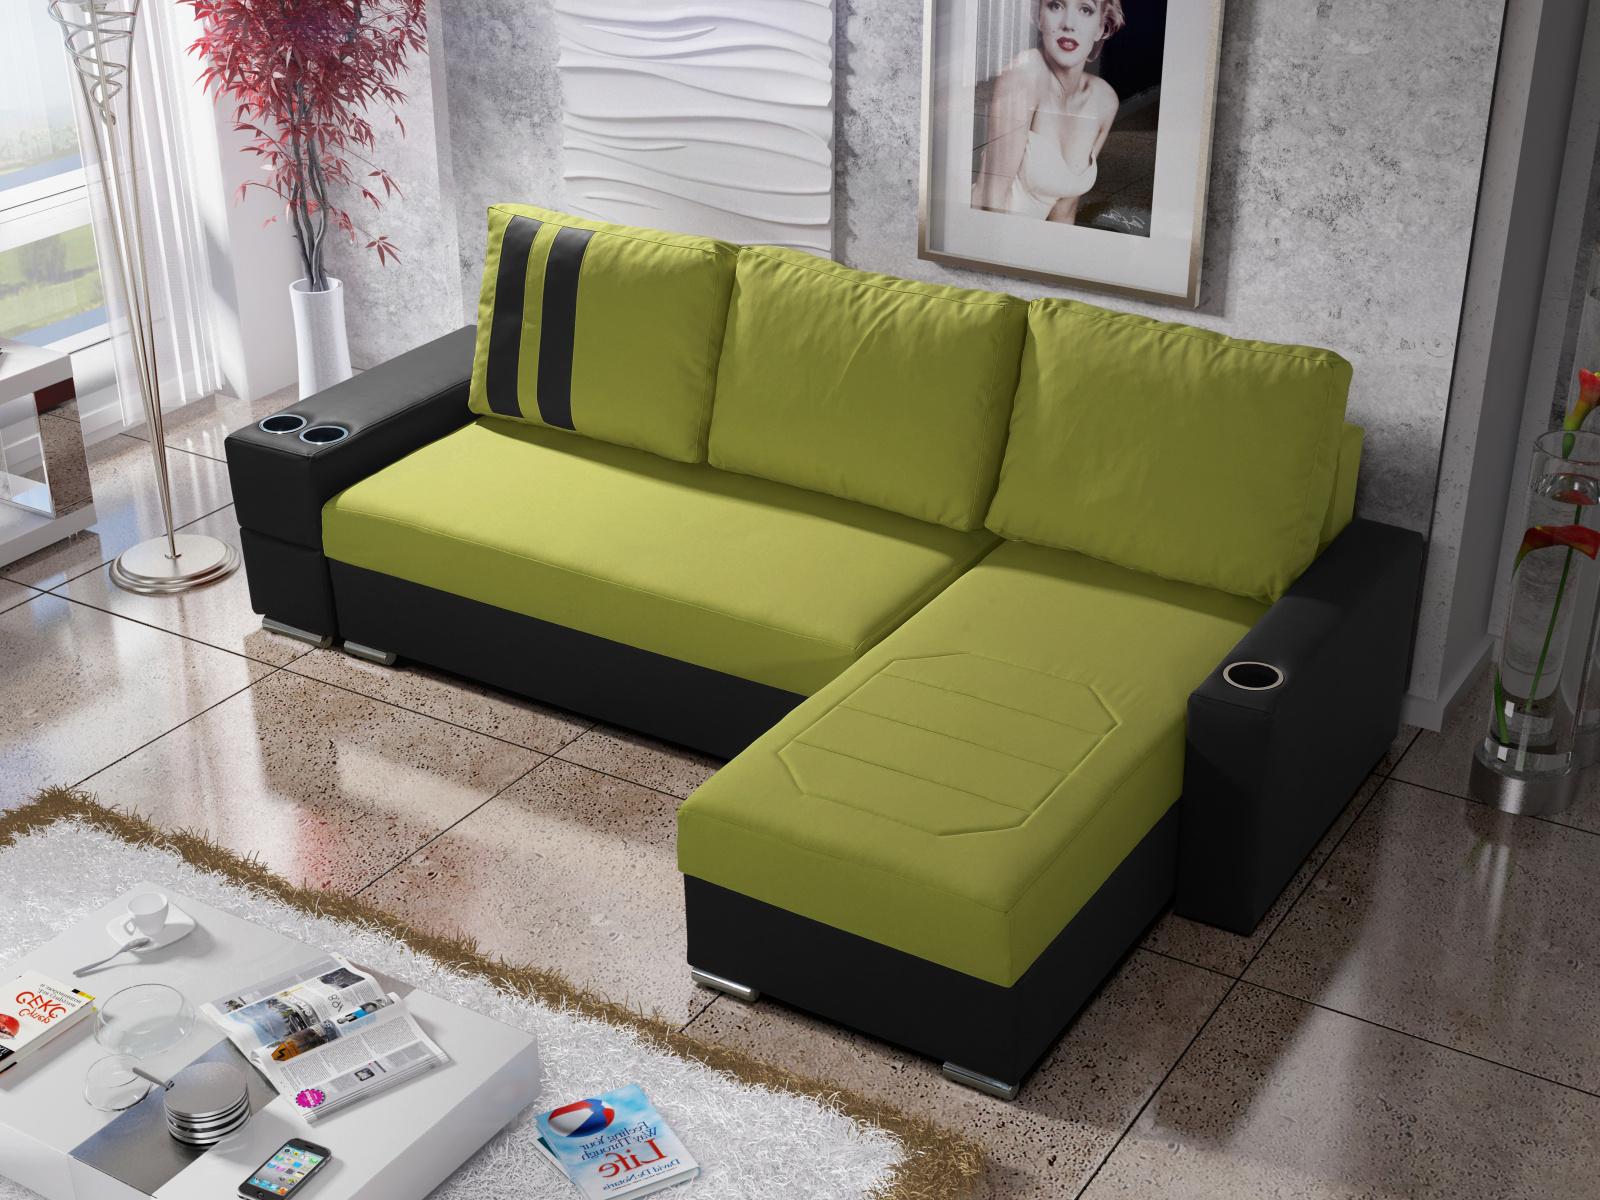 Smartshop Rohová sedačka ROY 5-266 pravá, zelená látka/černá ekokůže